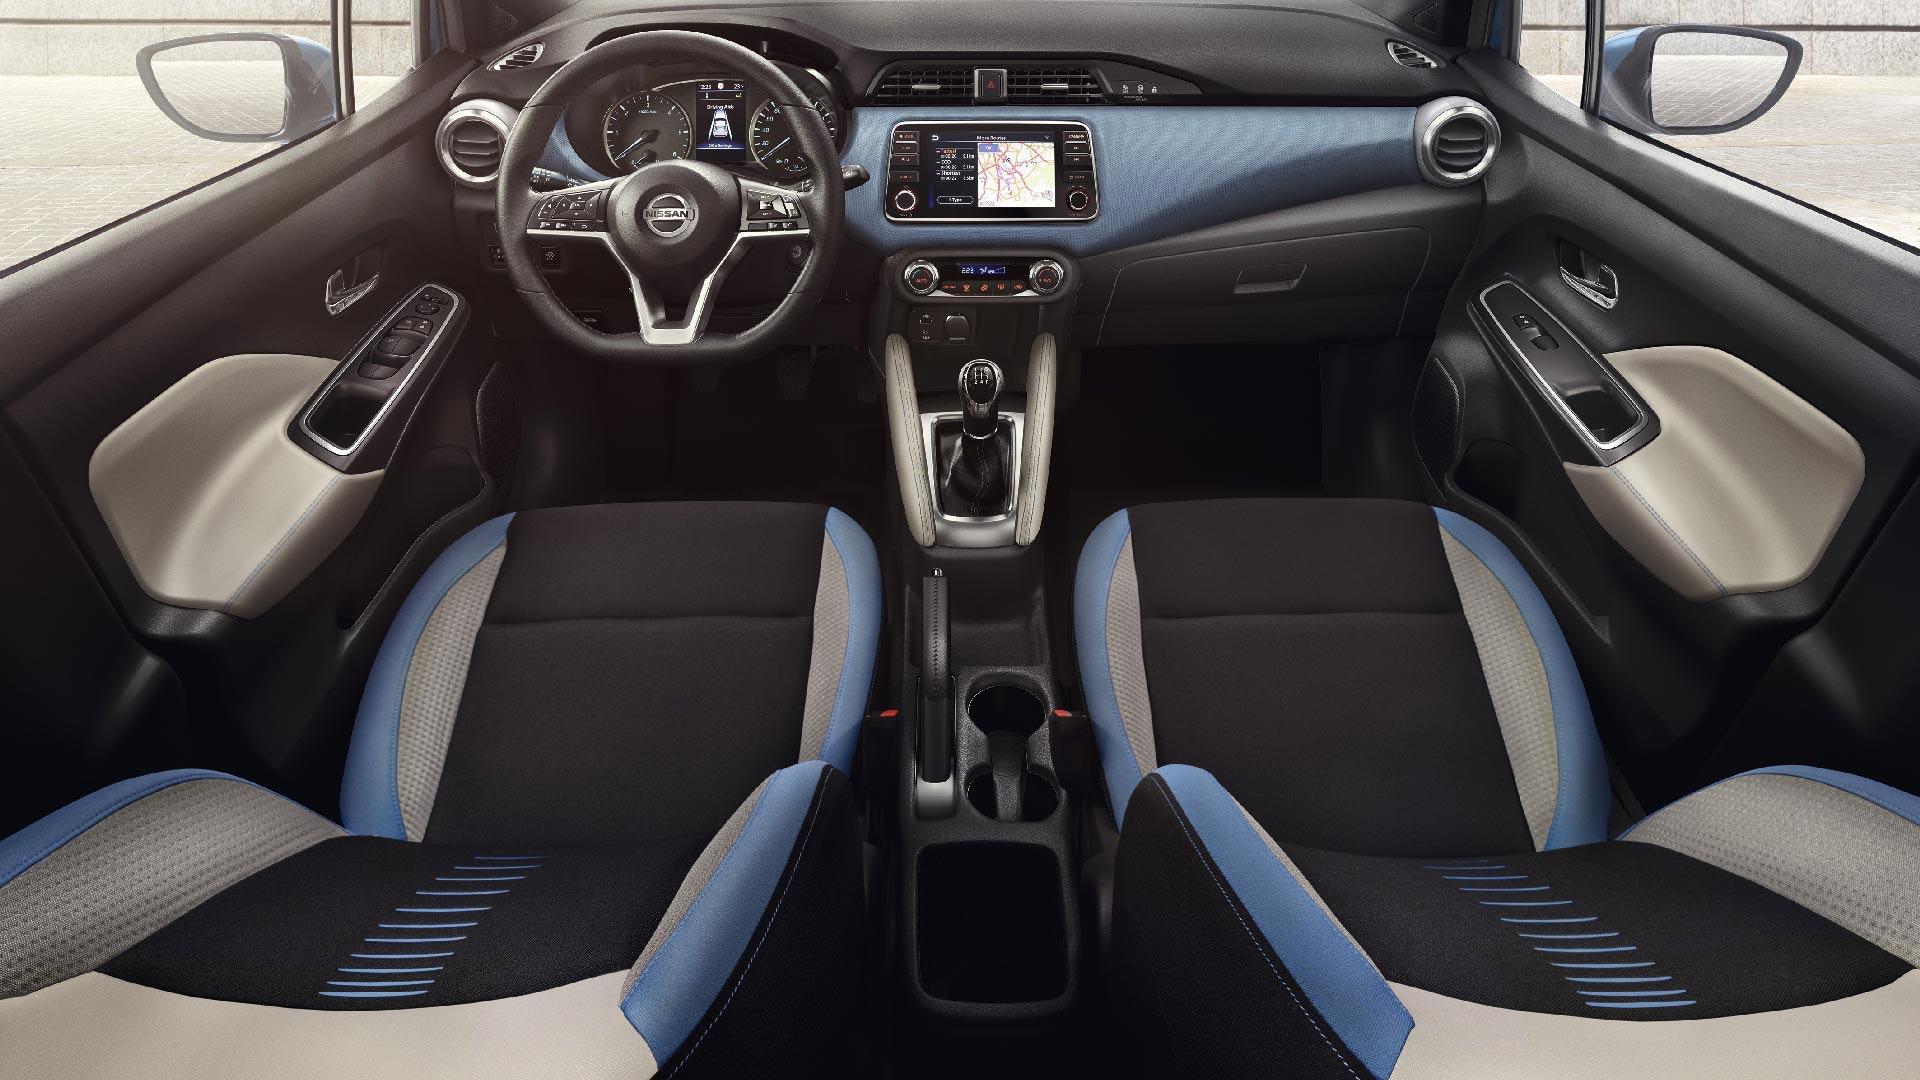 Nissan Micra interiør